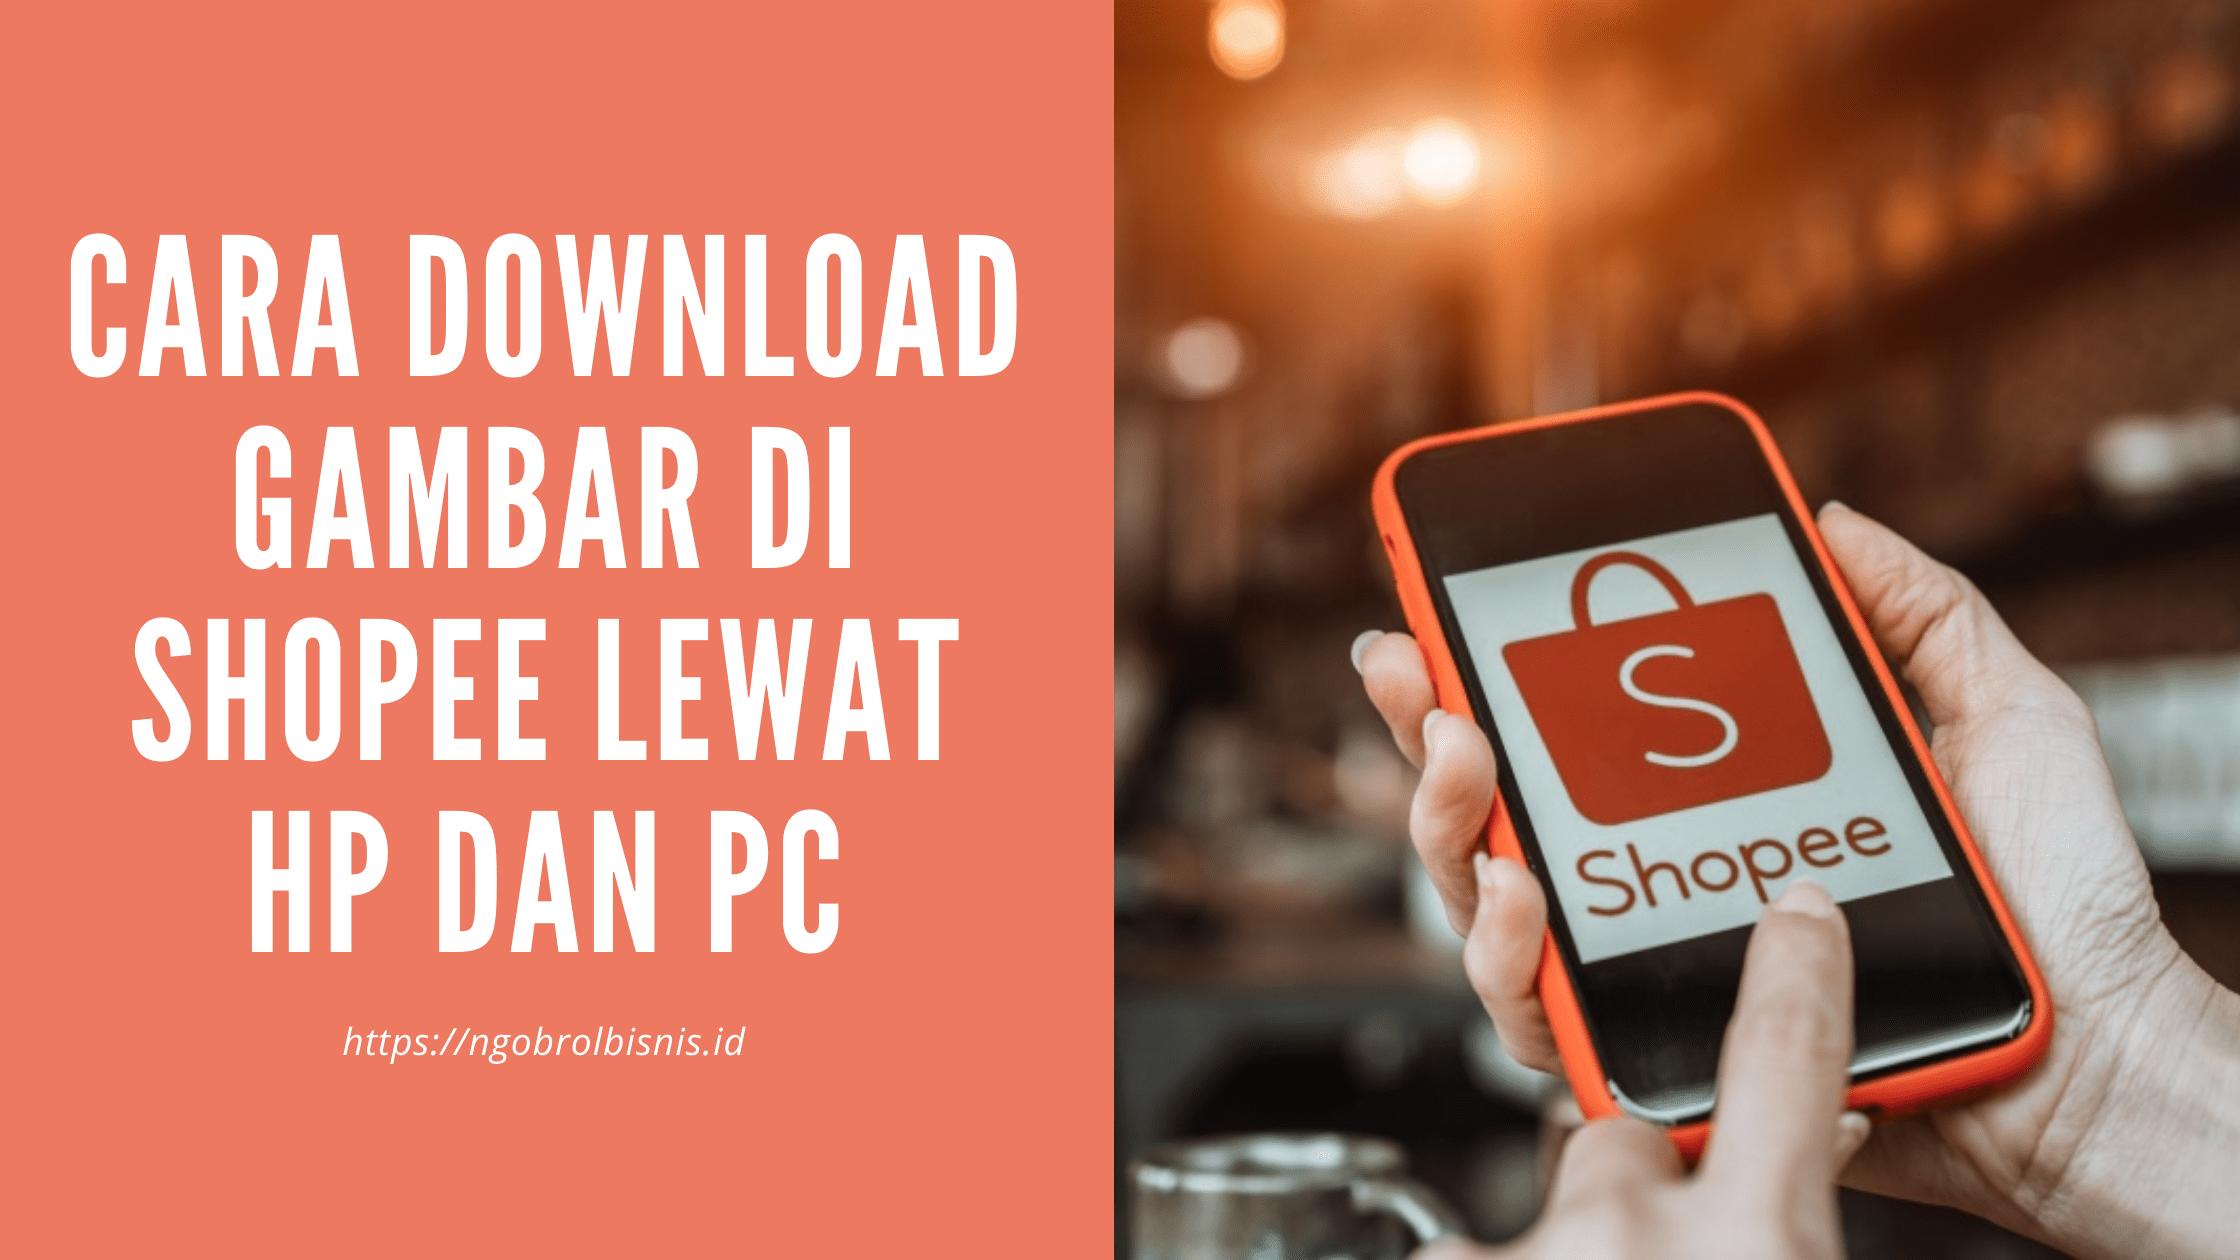 Cara Download Gambar di Shopee Lewat HP dan PC